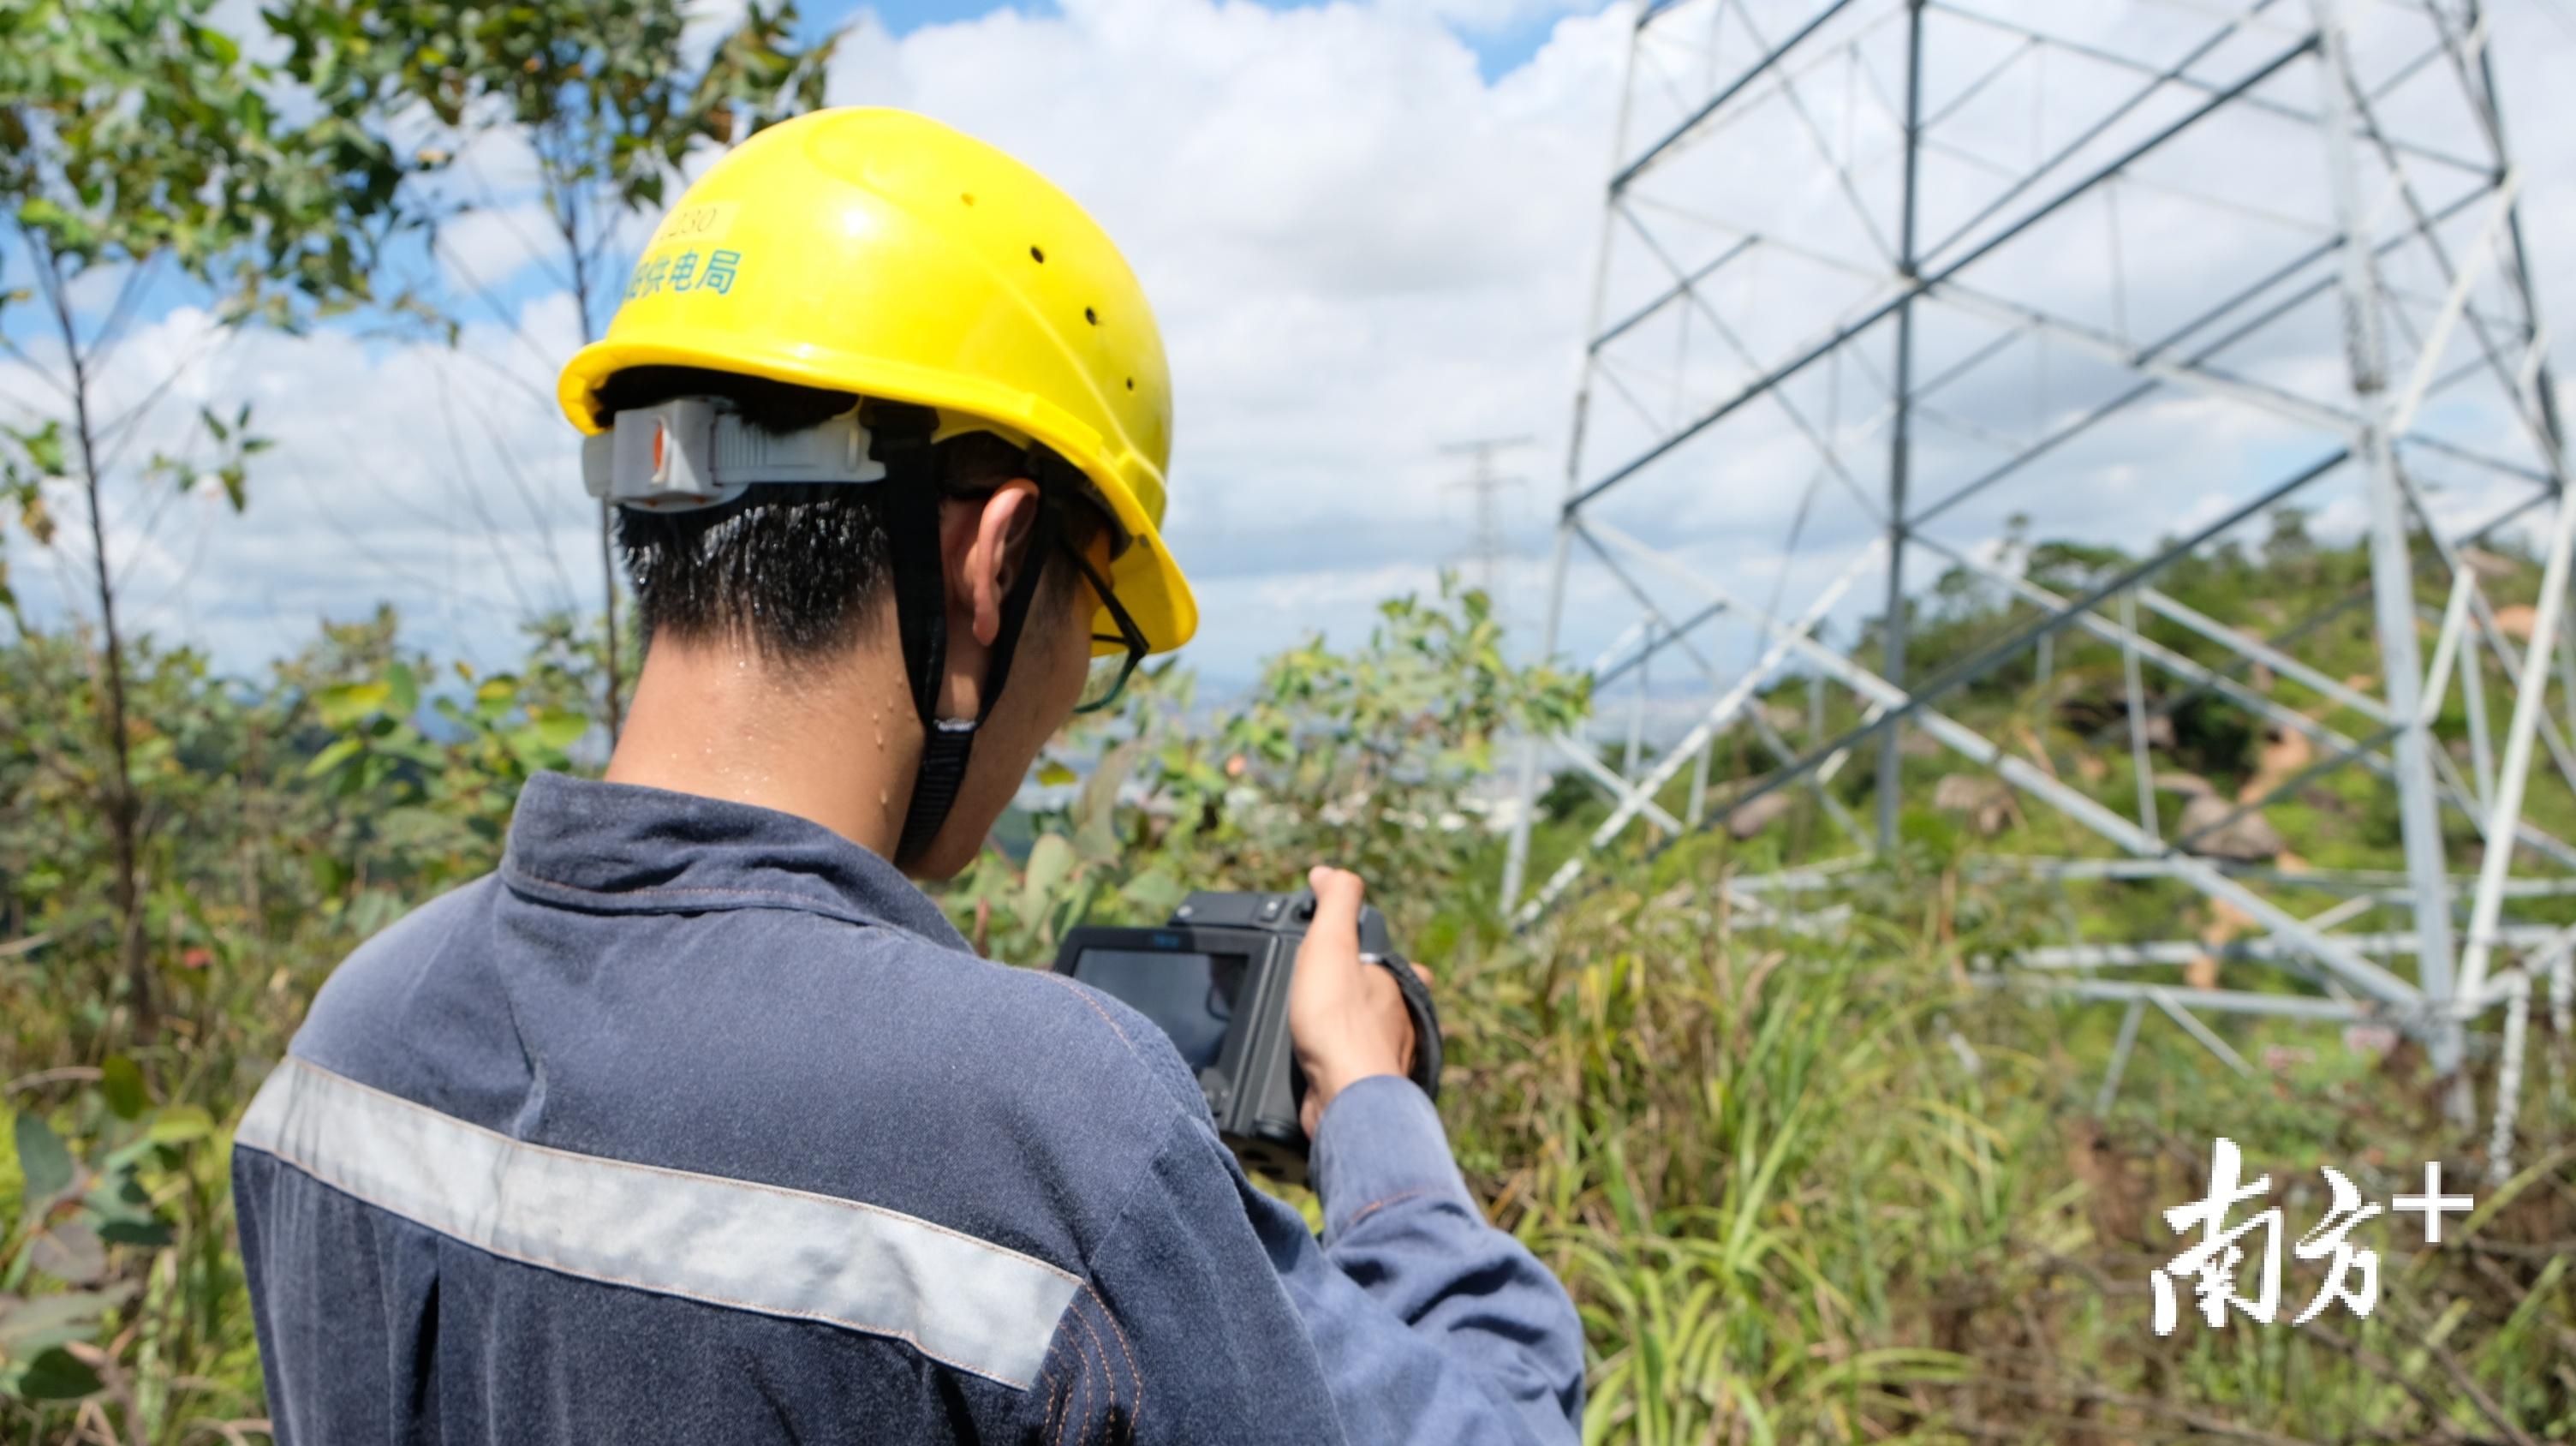 揭阳供电局输电管理所针对高温天气对输电线路进行红外测温。